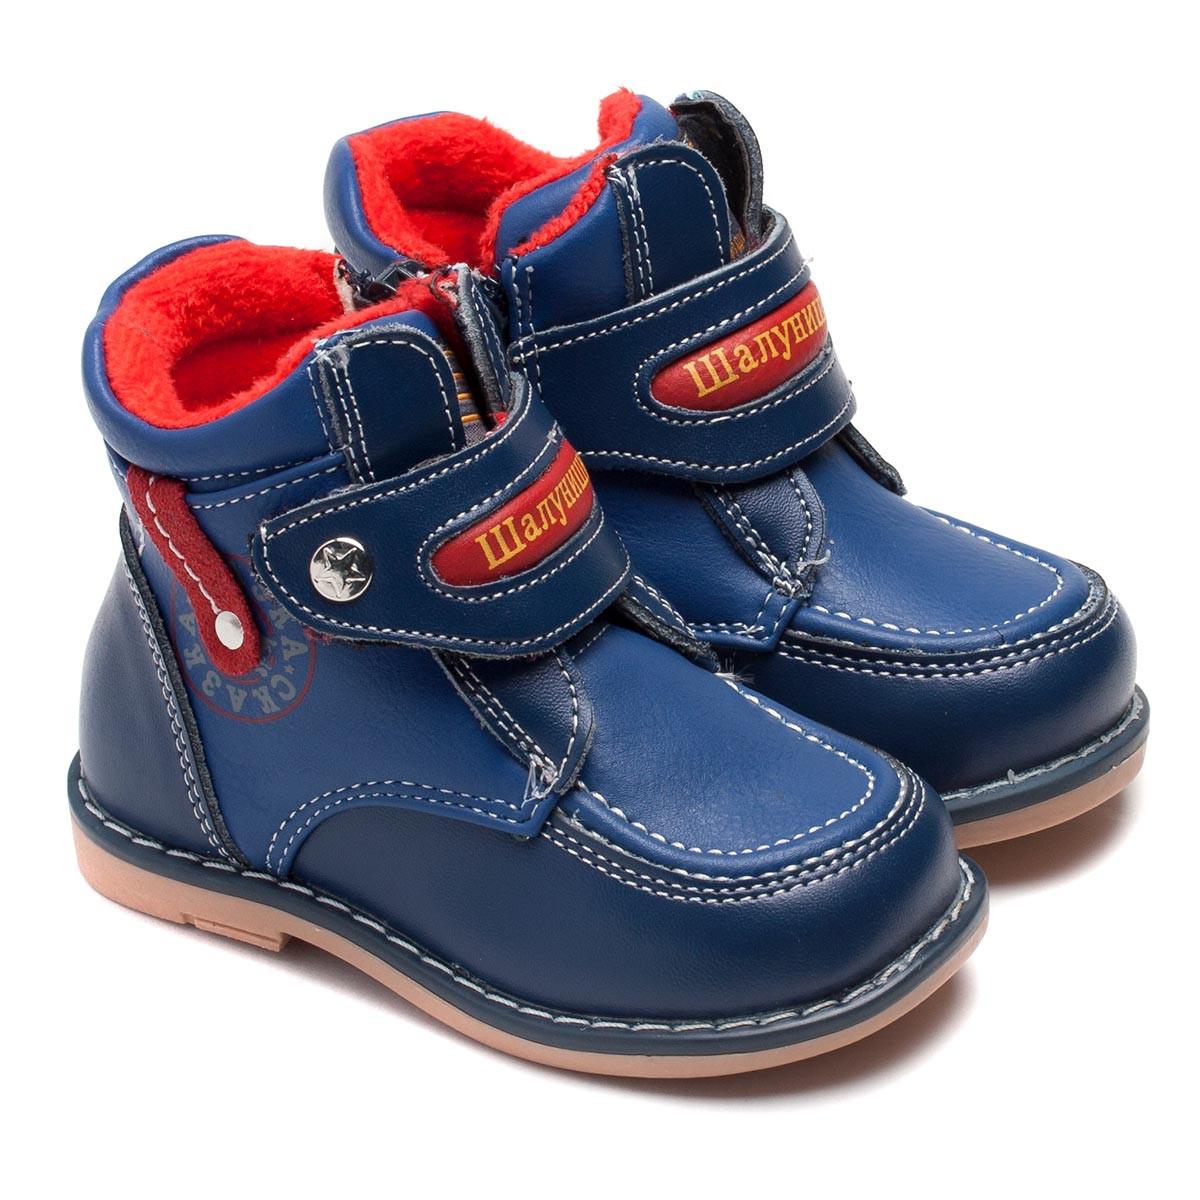 Демисезонные ботинки Шалунишка Ортопед для мальчика, на липучках и молнии, размер 20-25